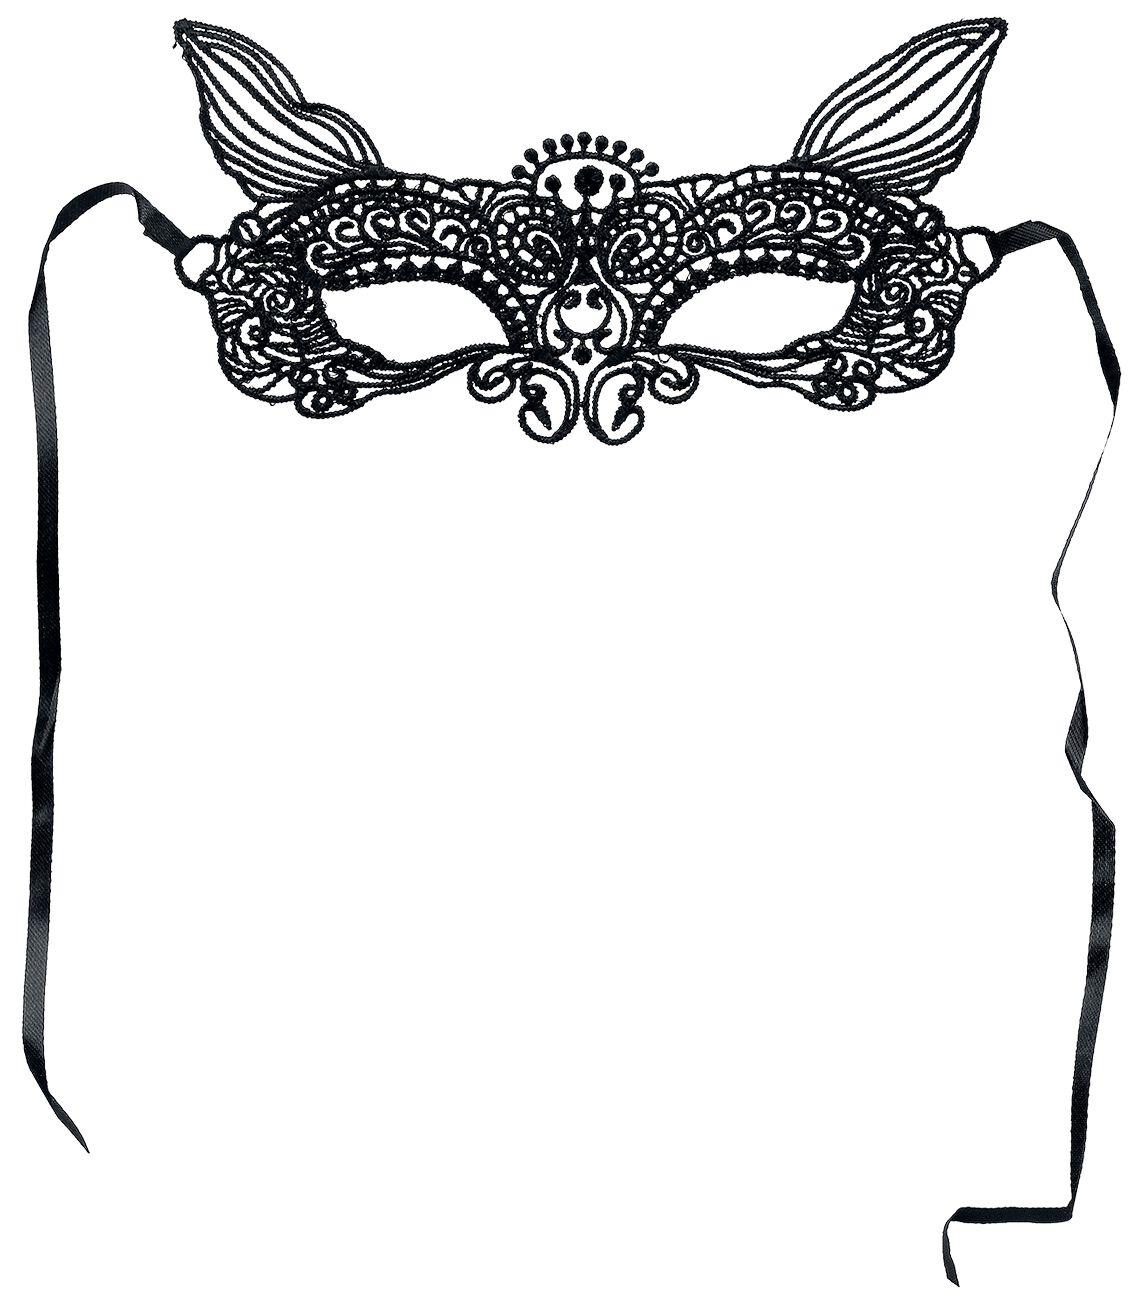 Basics - Maski i Kostiumy - Maska Dark Hours Mask Animal Maska standard - 366582